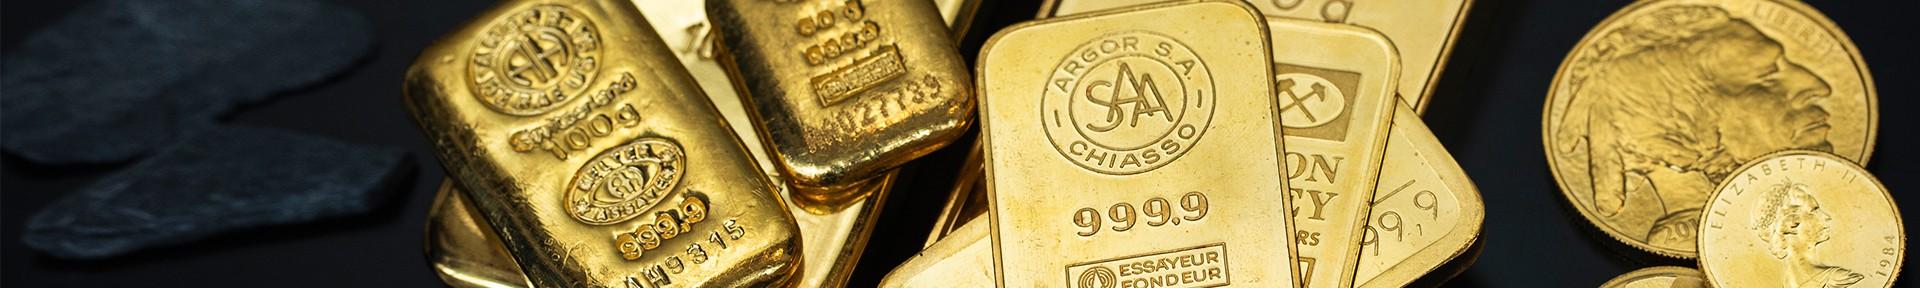 Koop uw goudbaren gemakkelijk en snel online bij Goudwisselkantoor